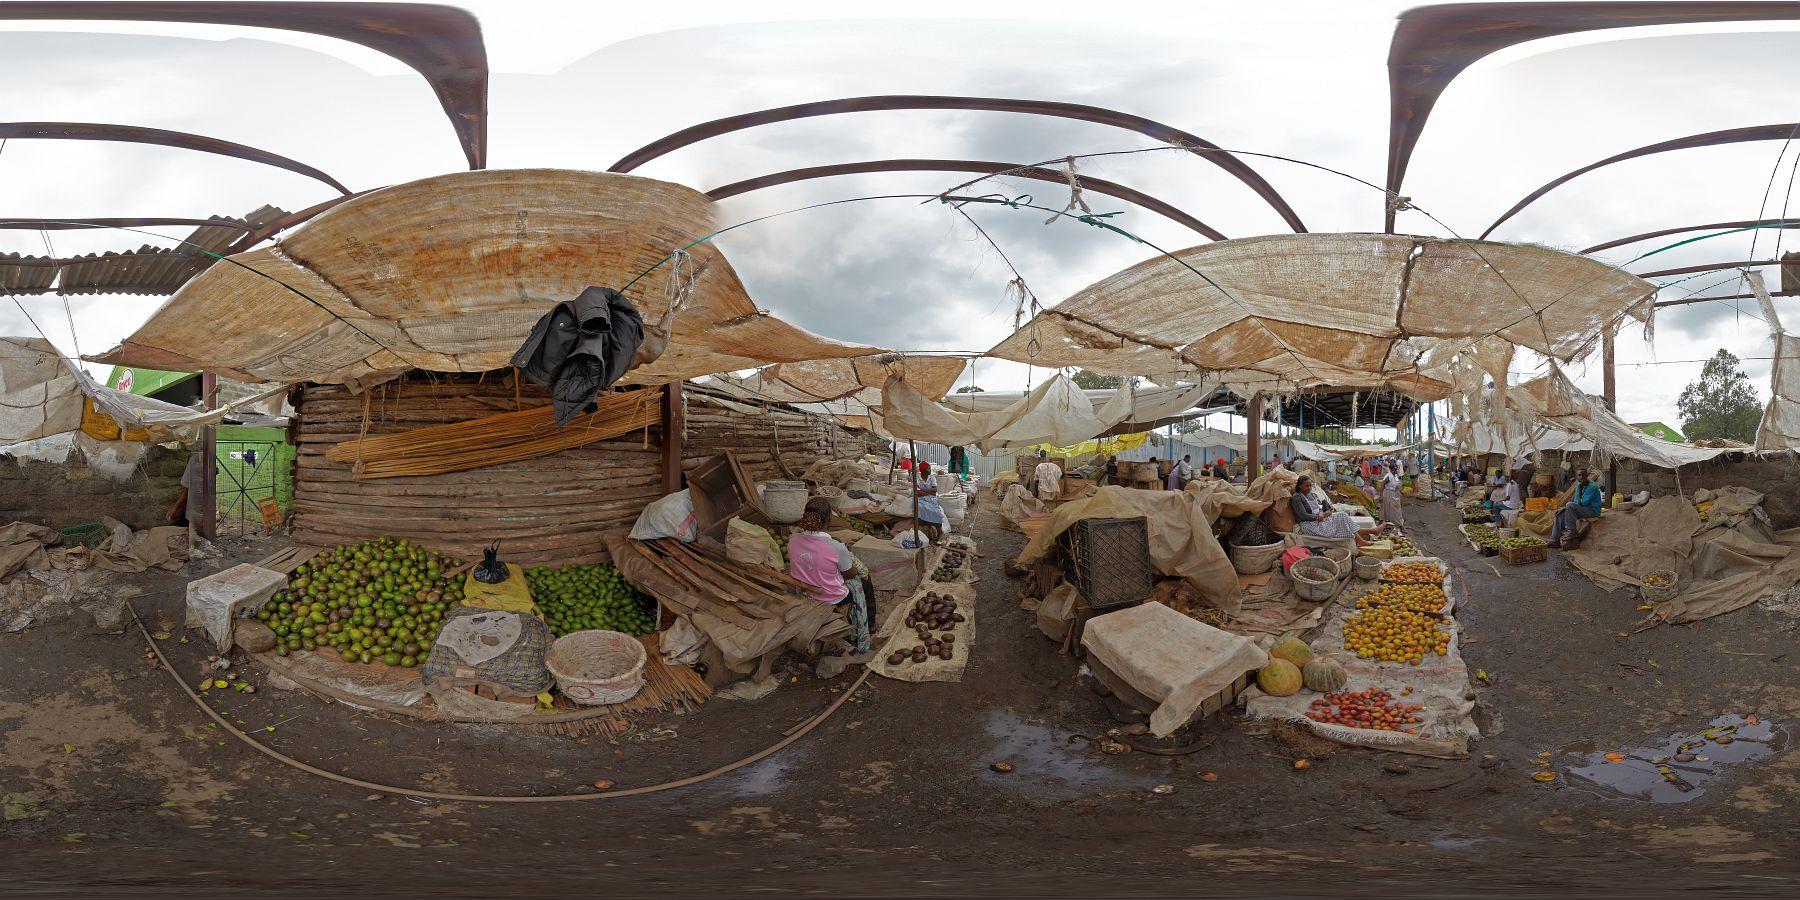 Panorama Kenia Nakuru Markt 6